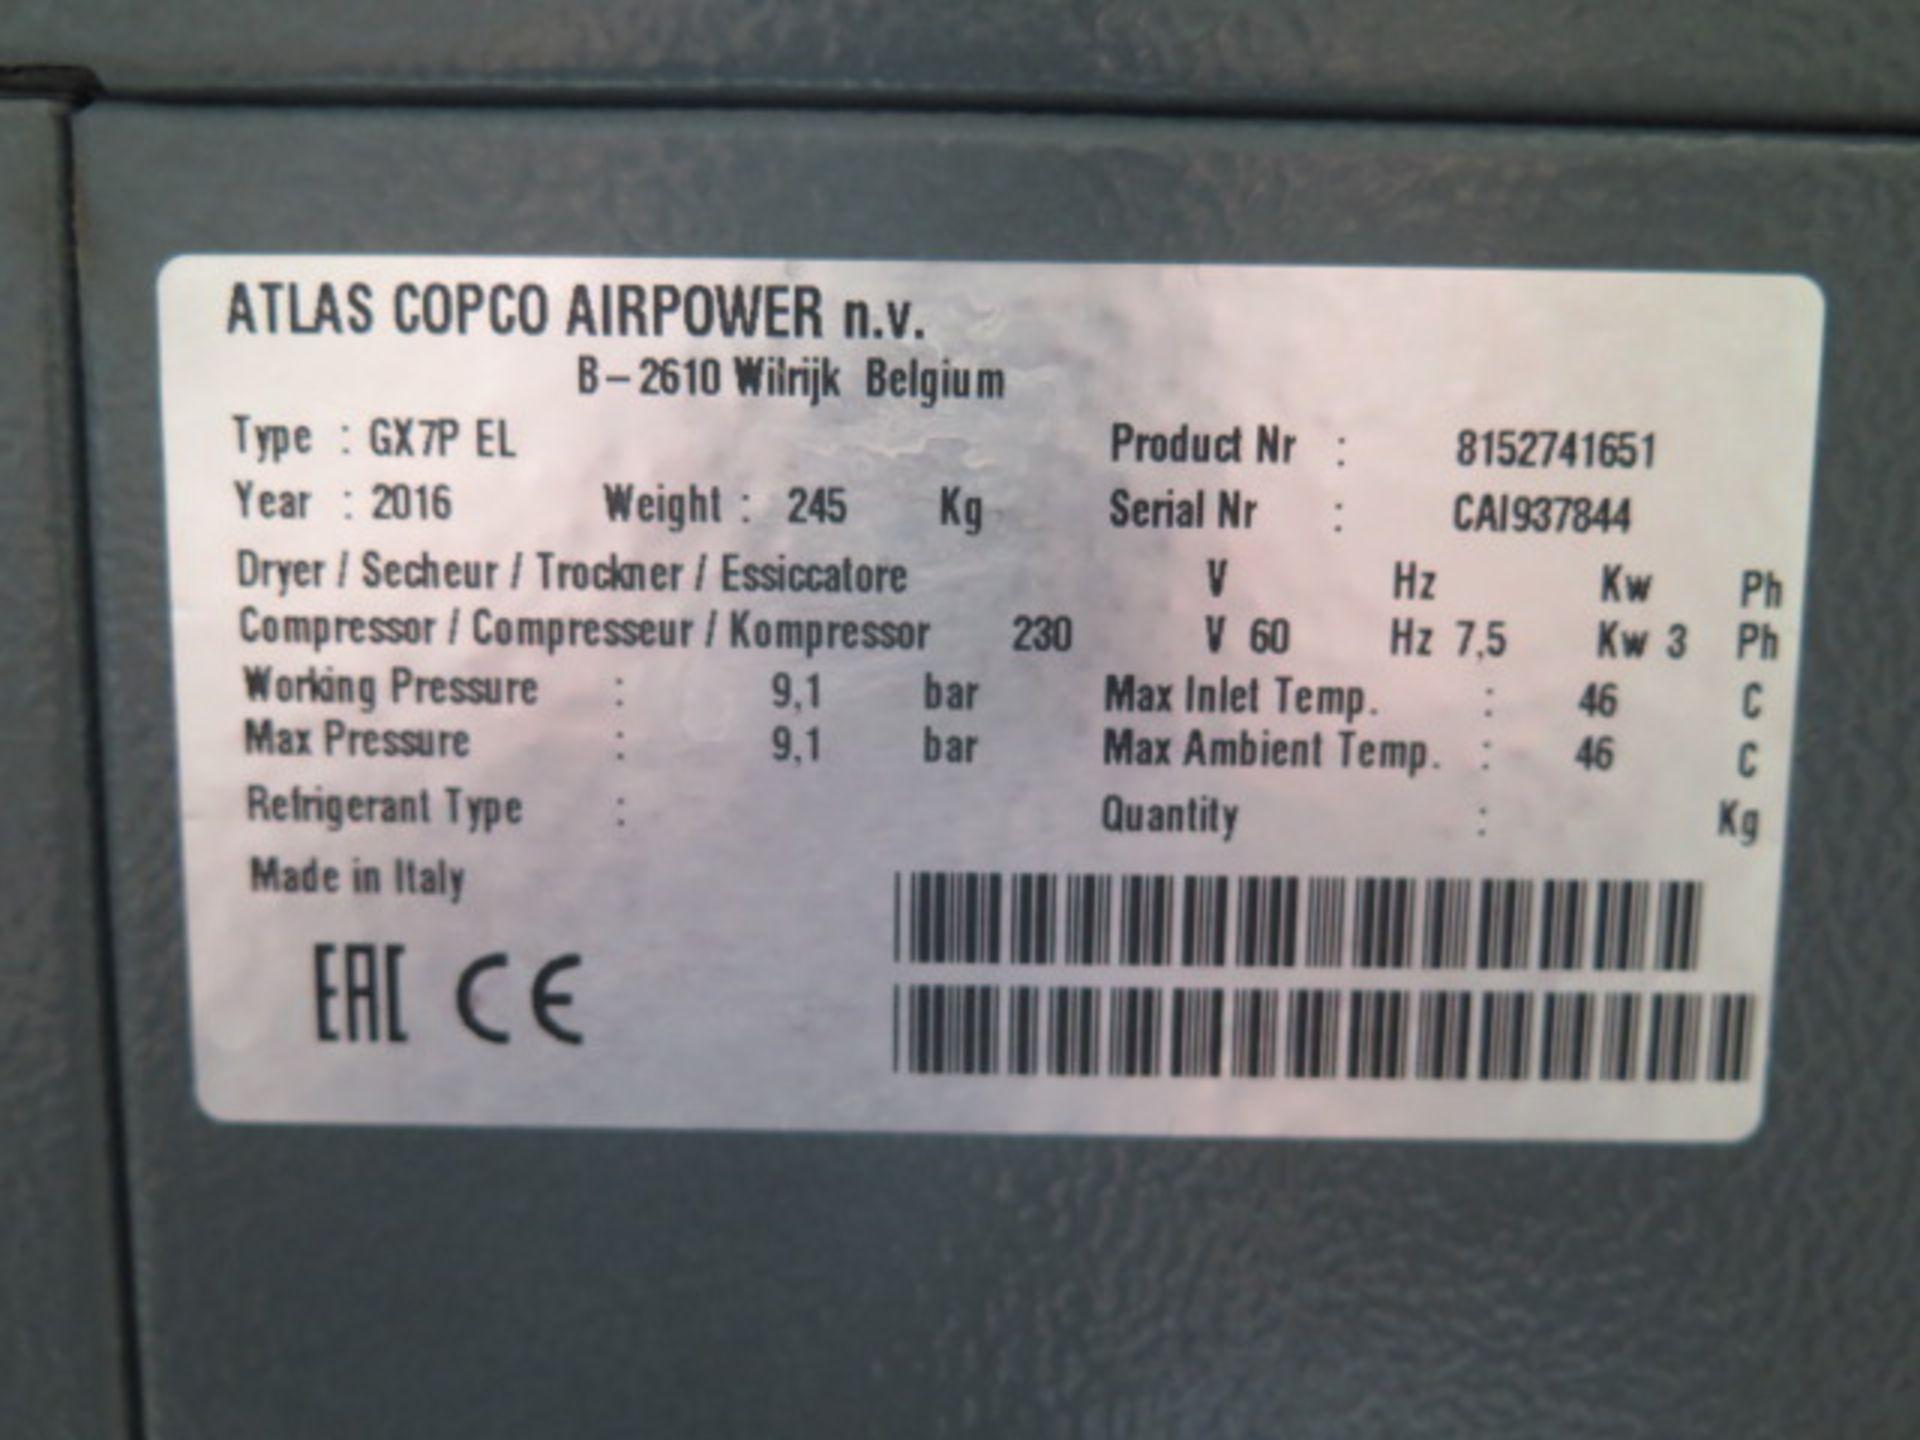 2016 Atlas Copco GX7P EL 10Hp Rotary Air Compressor s/n CAI937844 w/ Atlas Copco Controls, 60 Gallon - Image 10 of 15